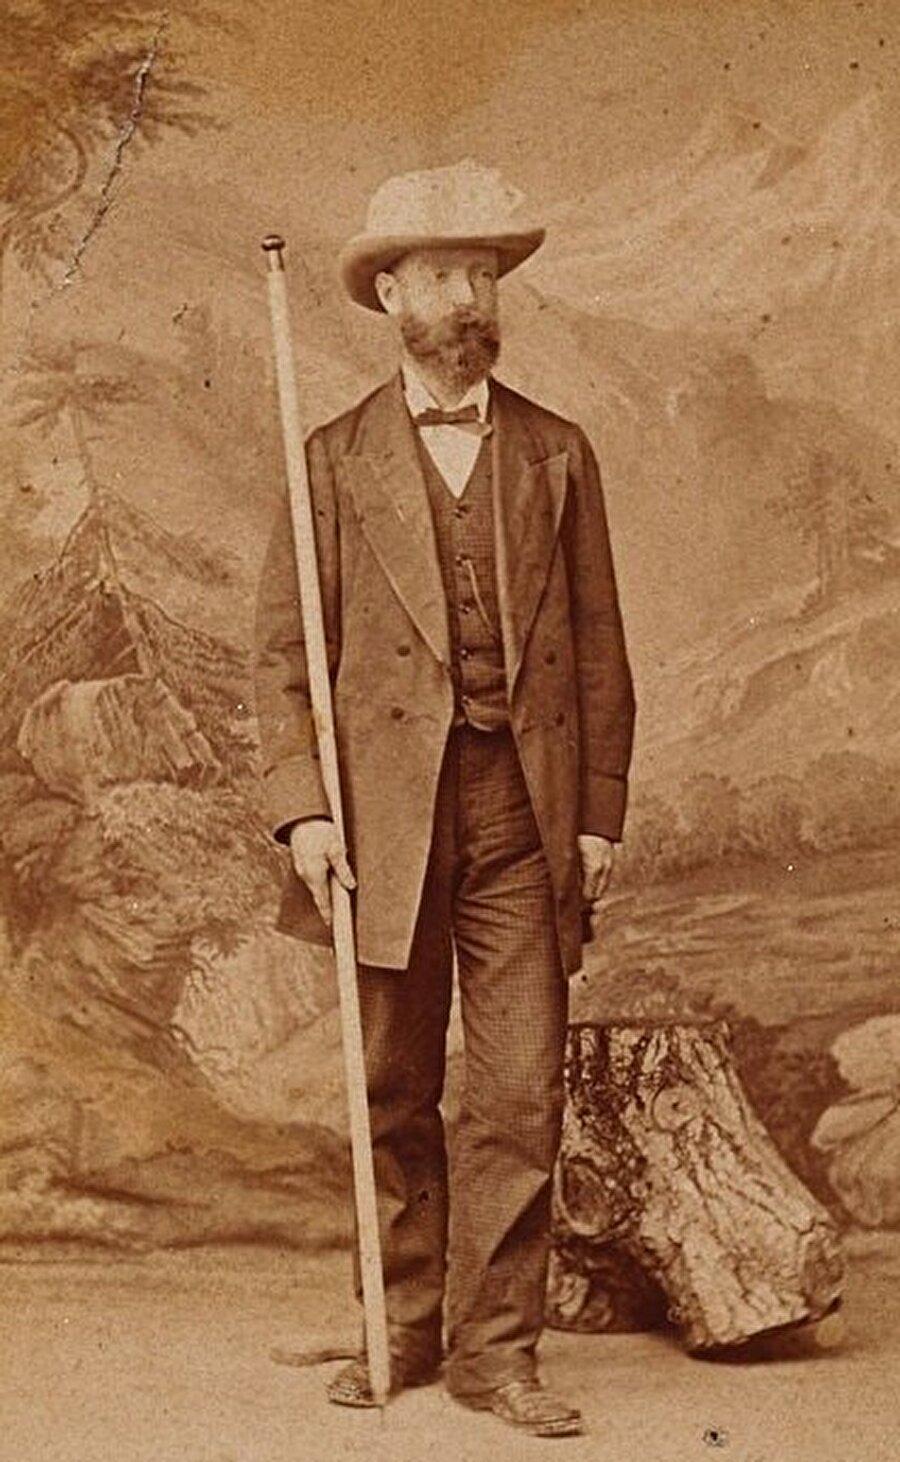 Herman Bicknell, Mekke'yi kendi kültürel kıyafetleriyle ilk ziyaret eden Batılı oldu.